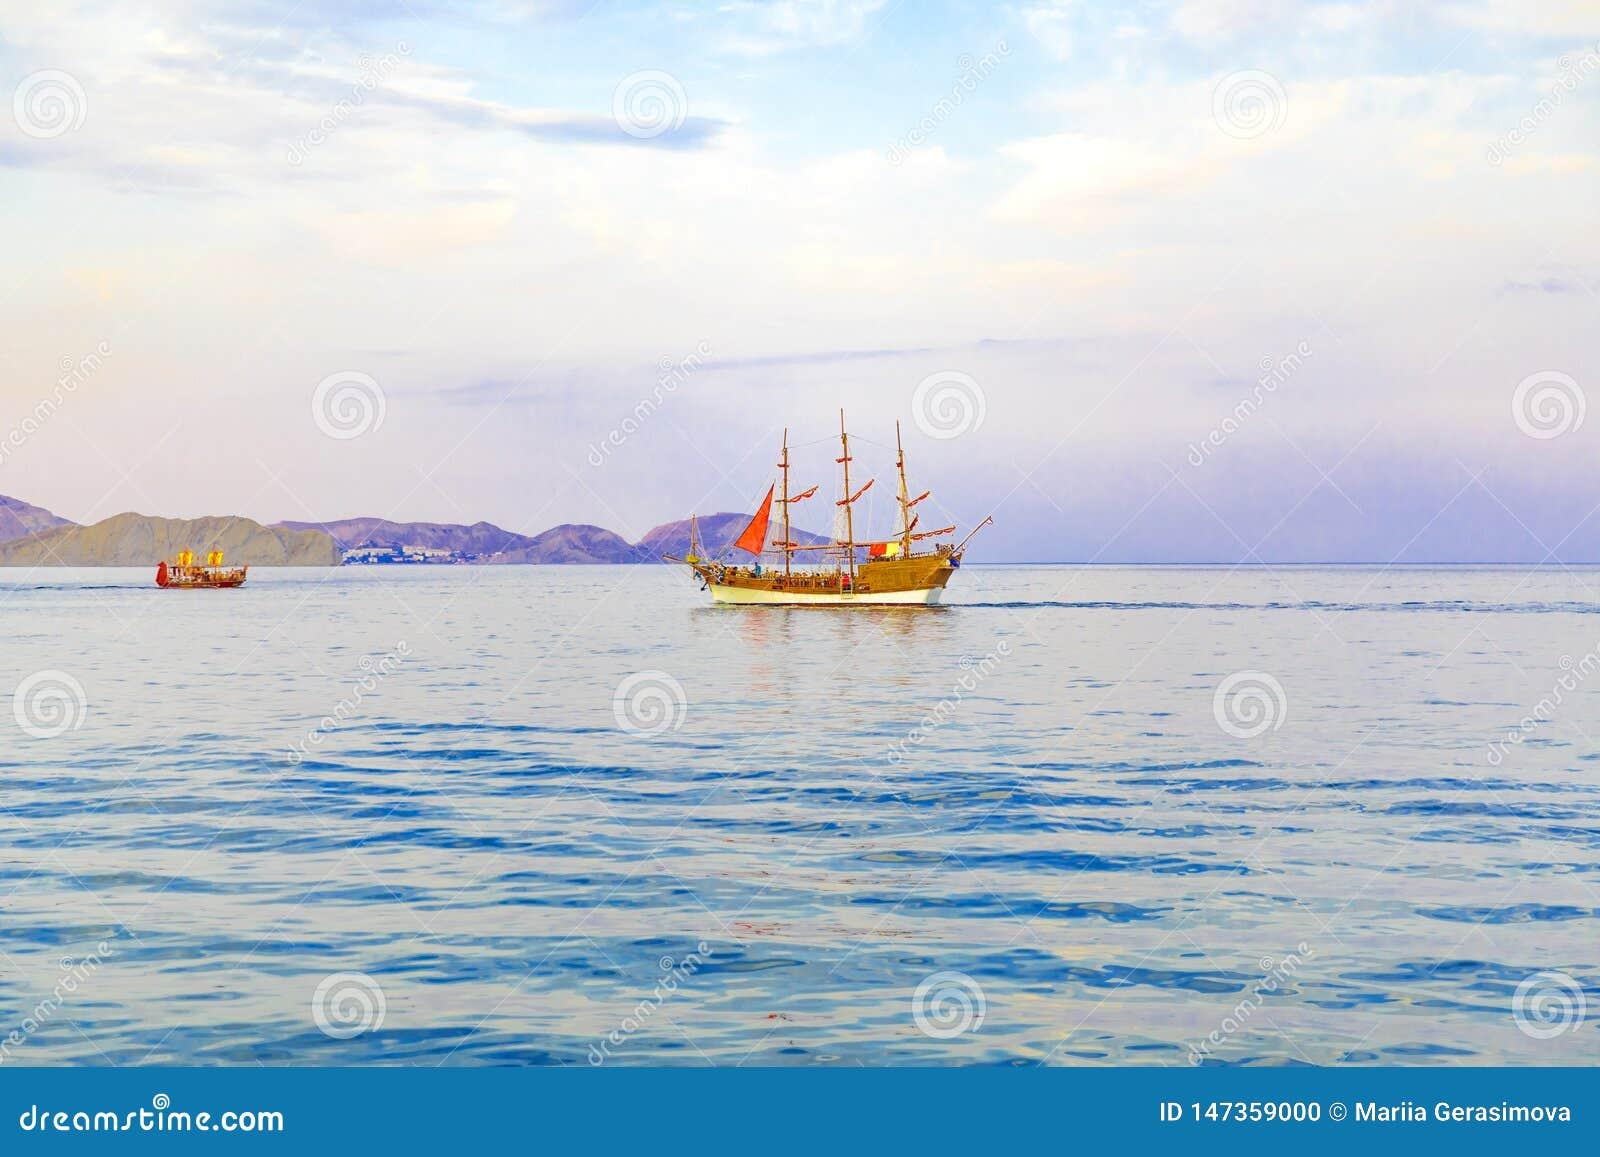 Żaglówka z szkarłatnymi żaglami na morzu iść brzeg